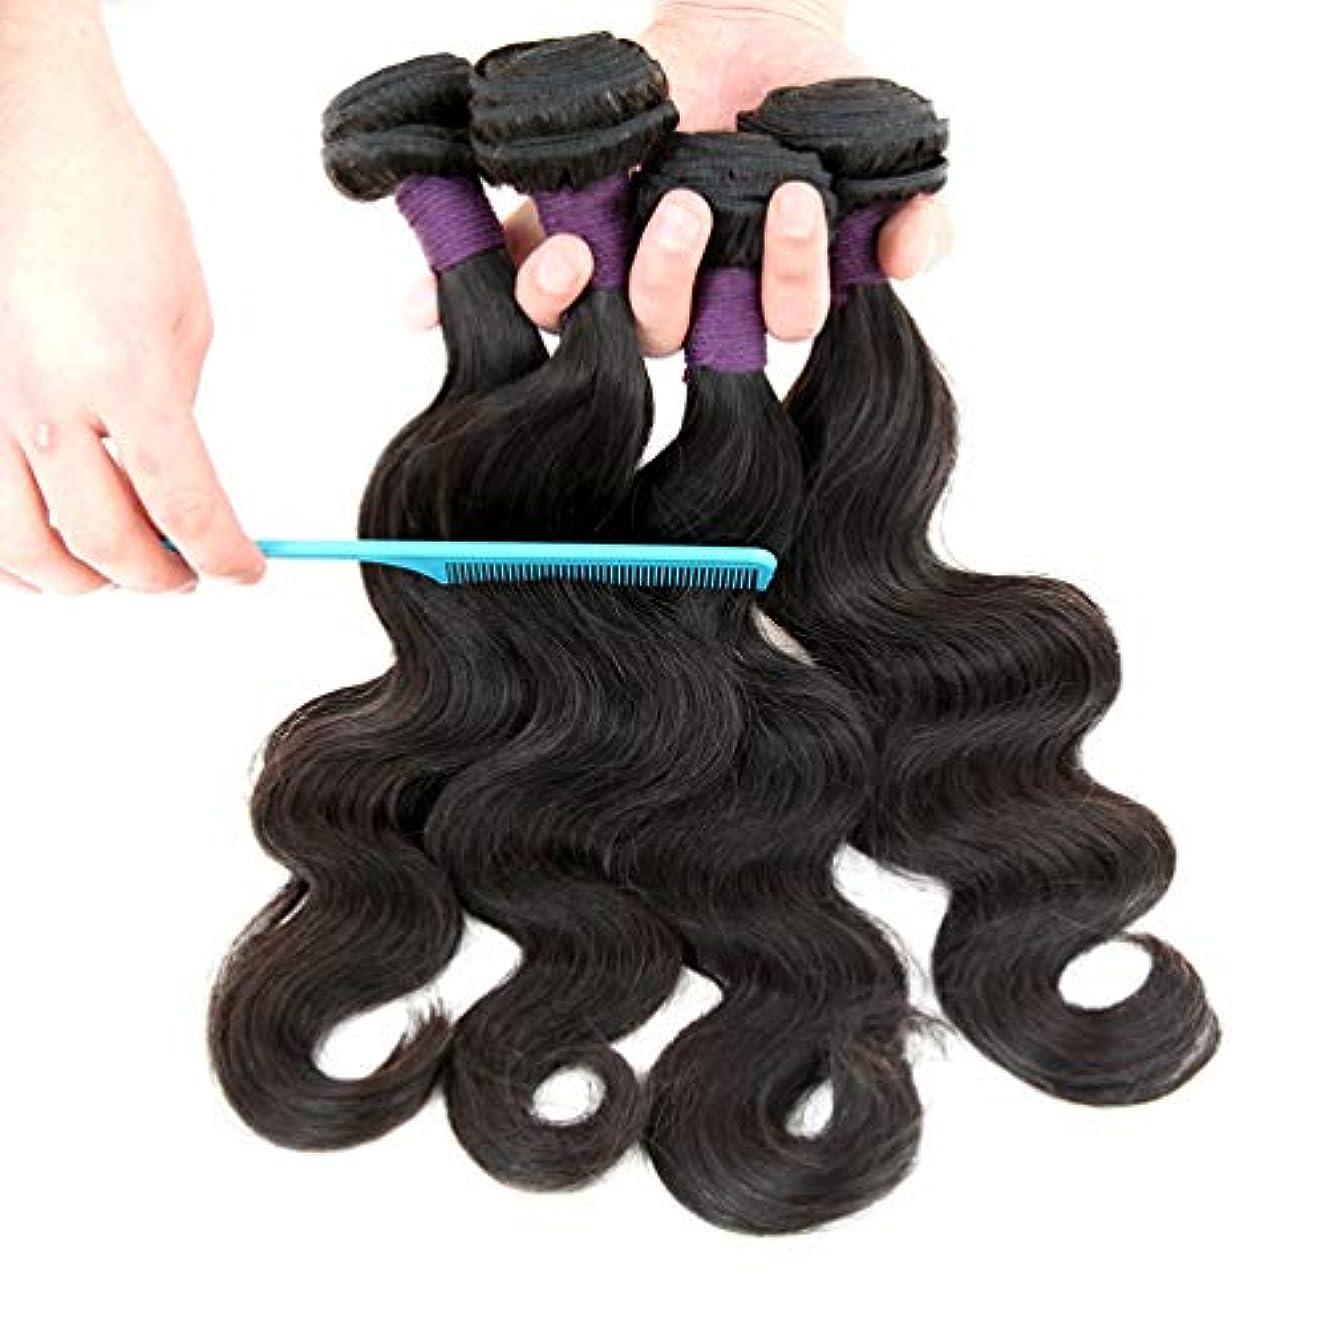 排除鎮静剤ジャベスウィルソン女性の髪織りブラジルの髪の束体波バージン髪織り赤ちゃんの髪の自由な部分自然色(3バンドル)